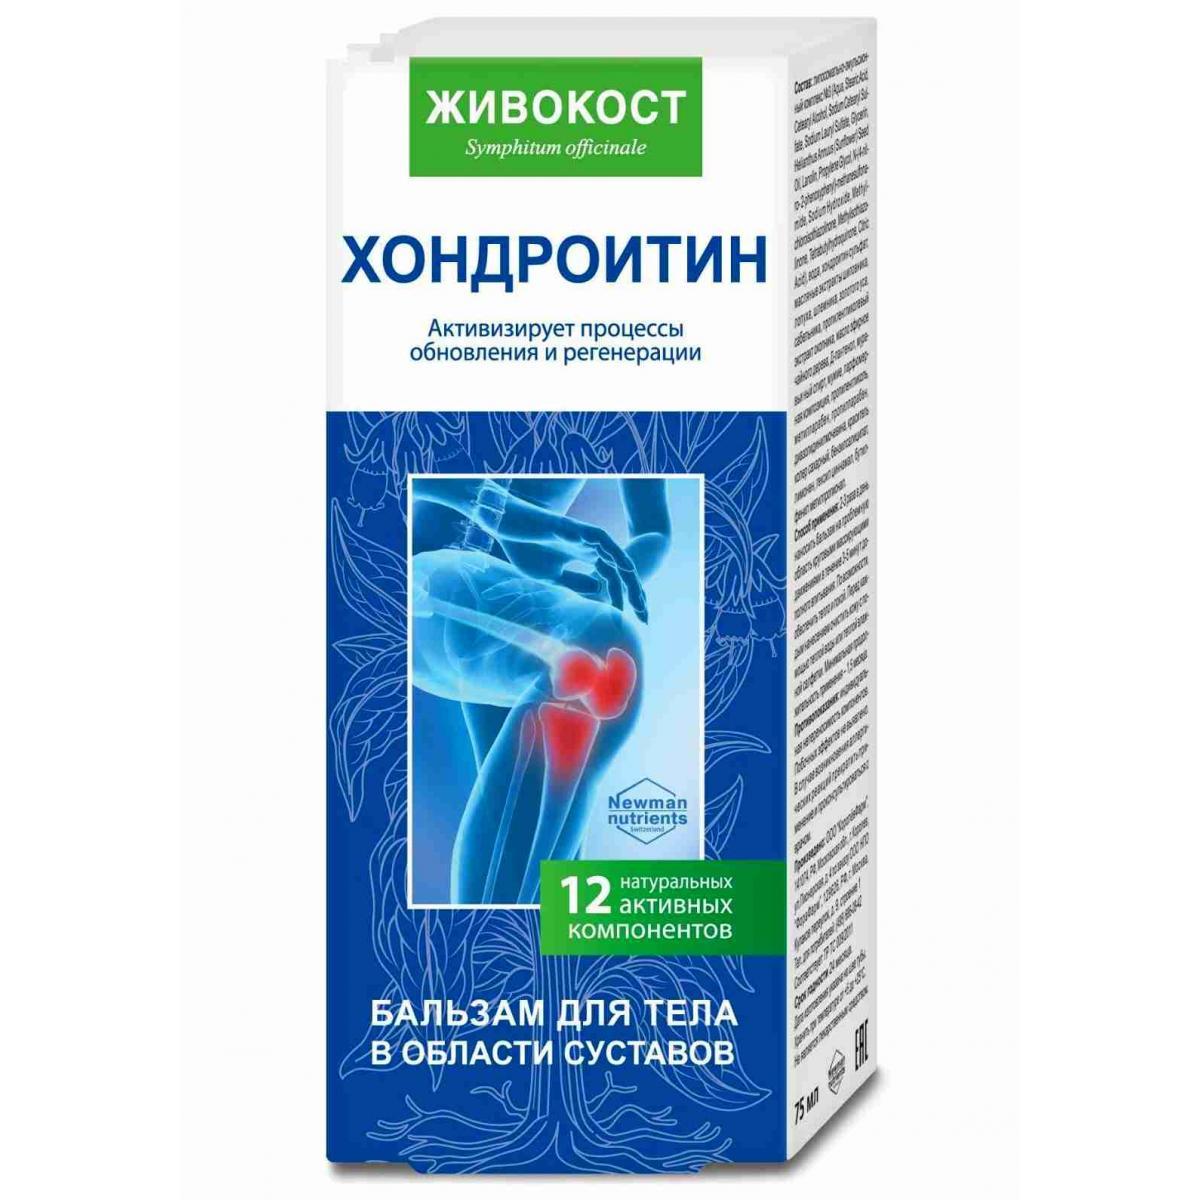 Živokosť s chondroitínom - masážny krém - 75 ml